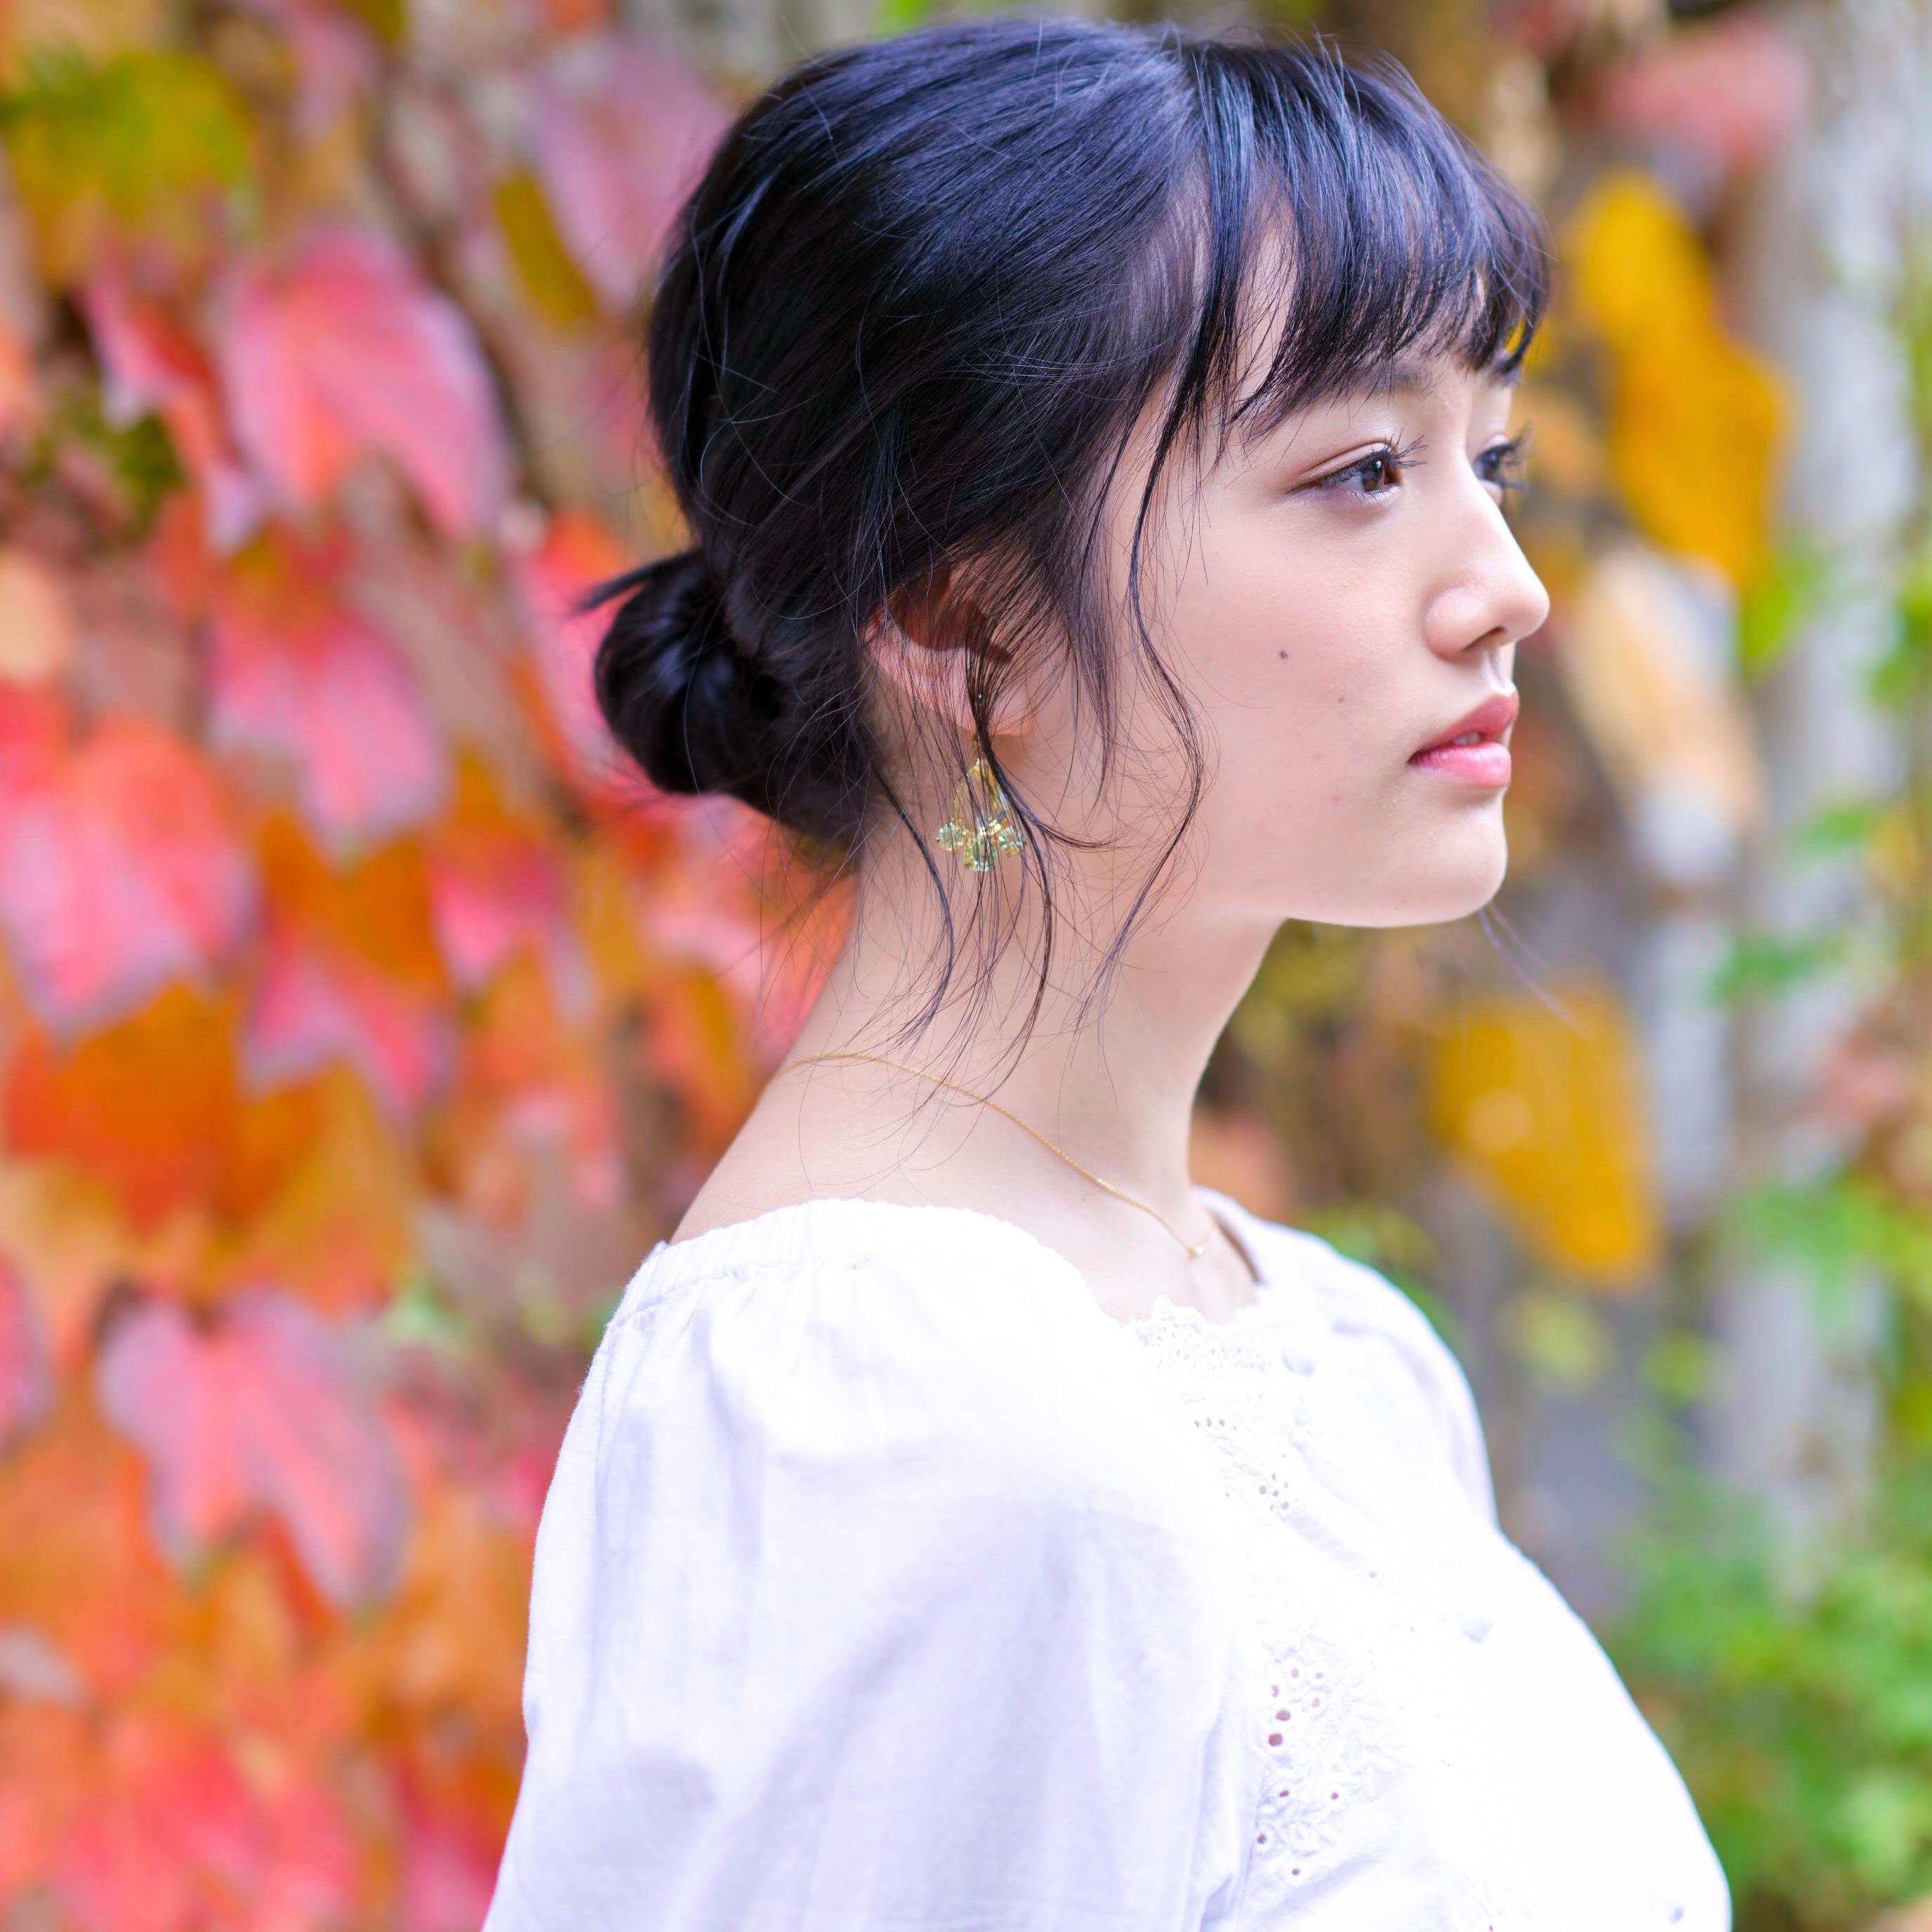 久等了20岁安藤笑樱睽违近一年推出写真 养眼图片 第12张